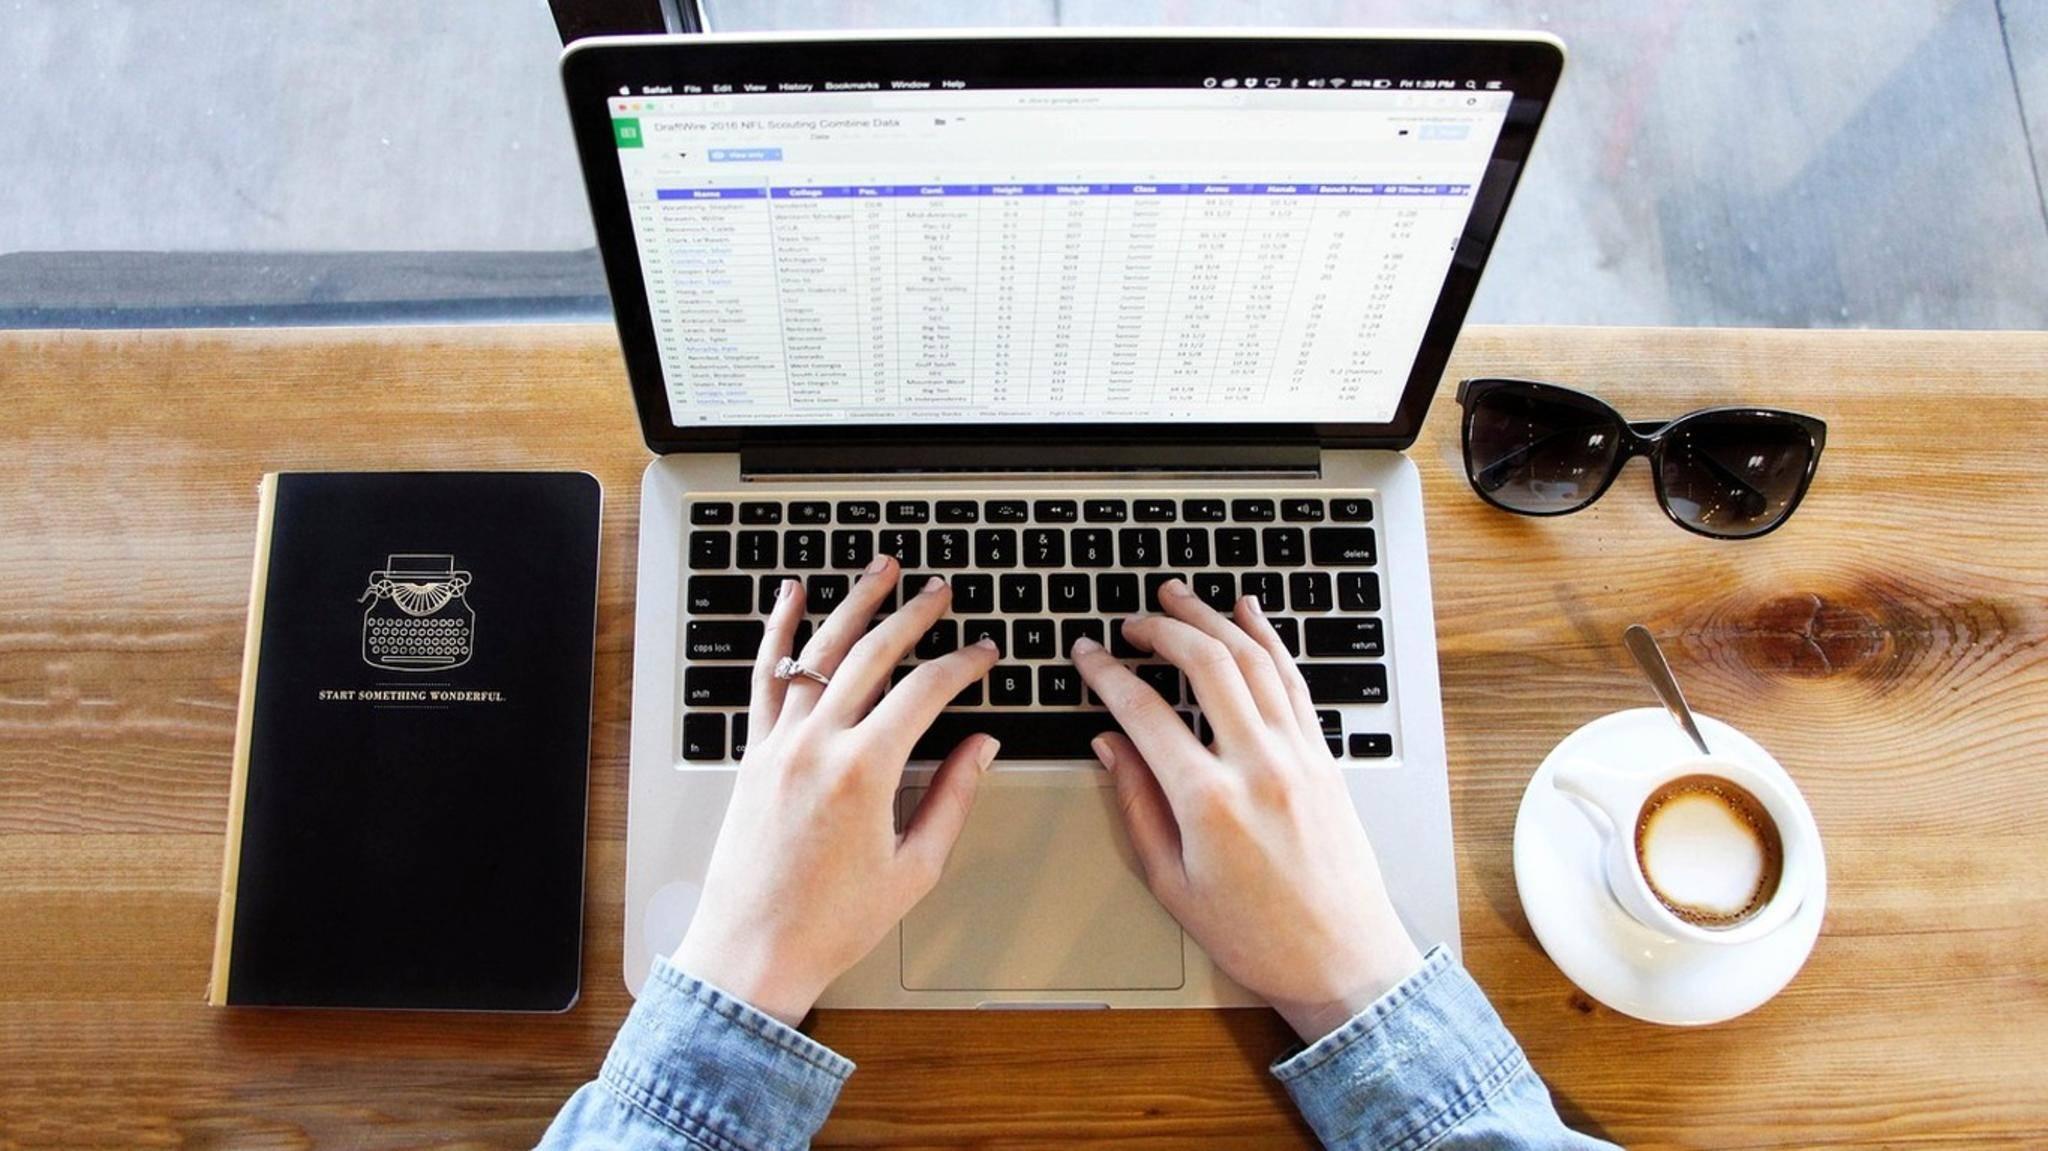 Formeln in Excel anzeigen lassen: So gehts